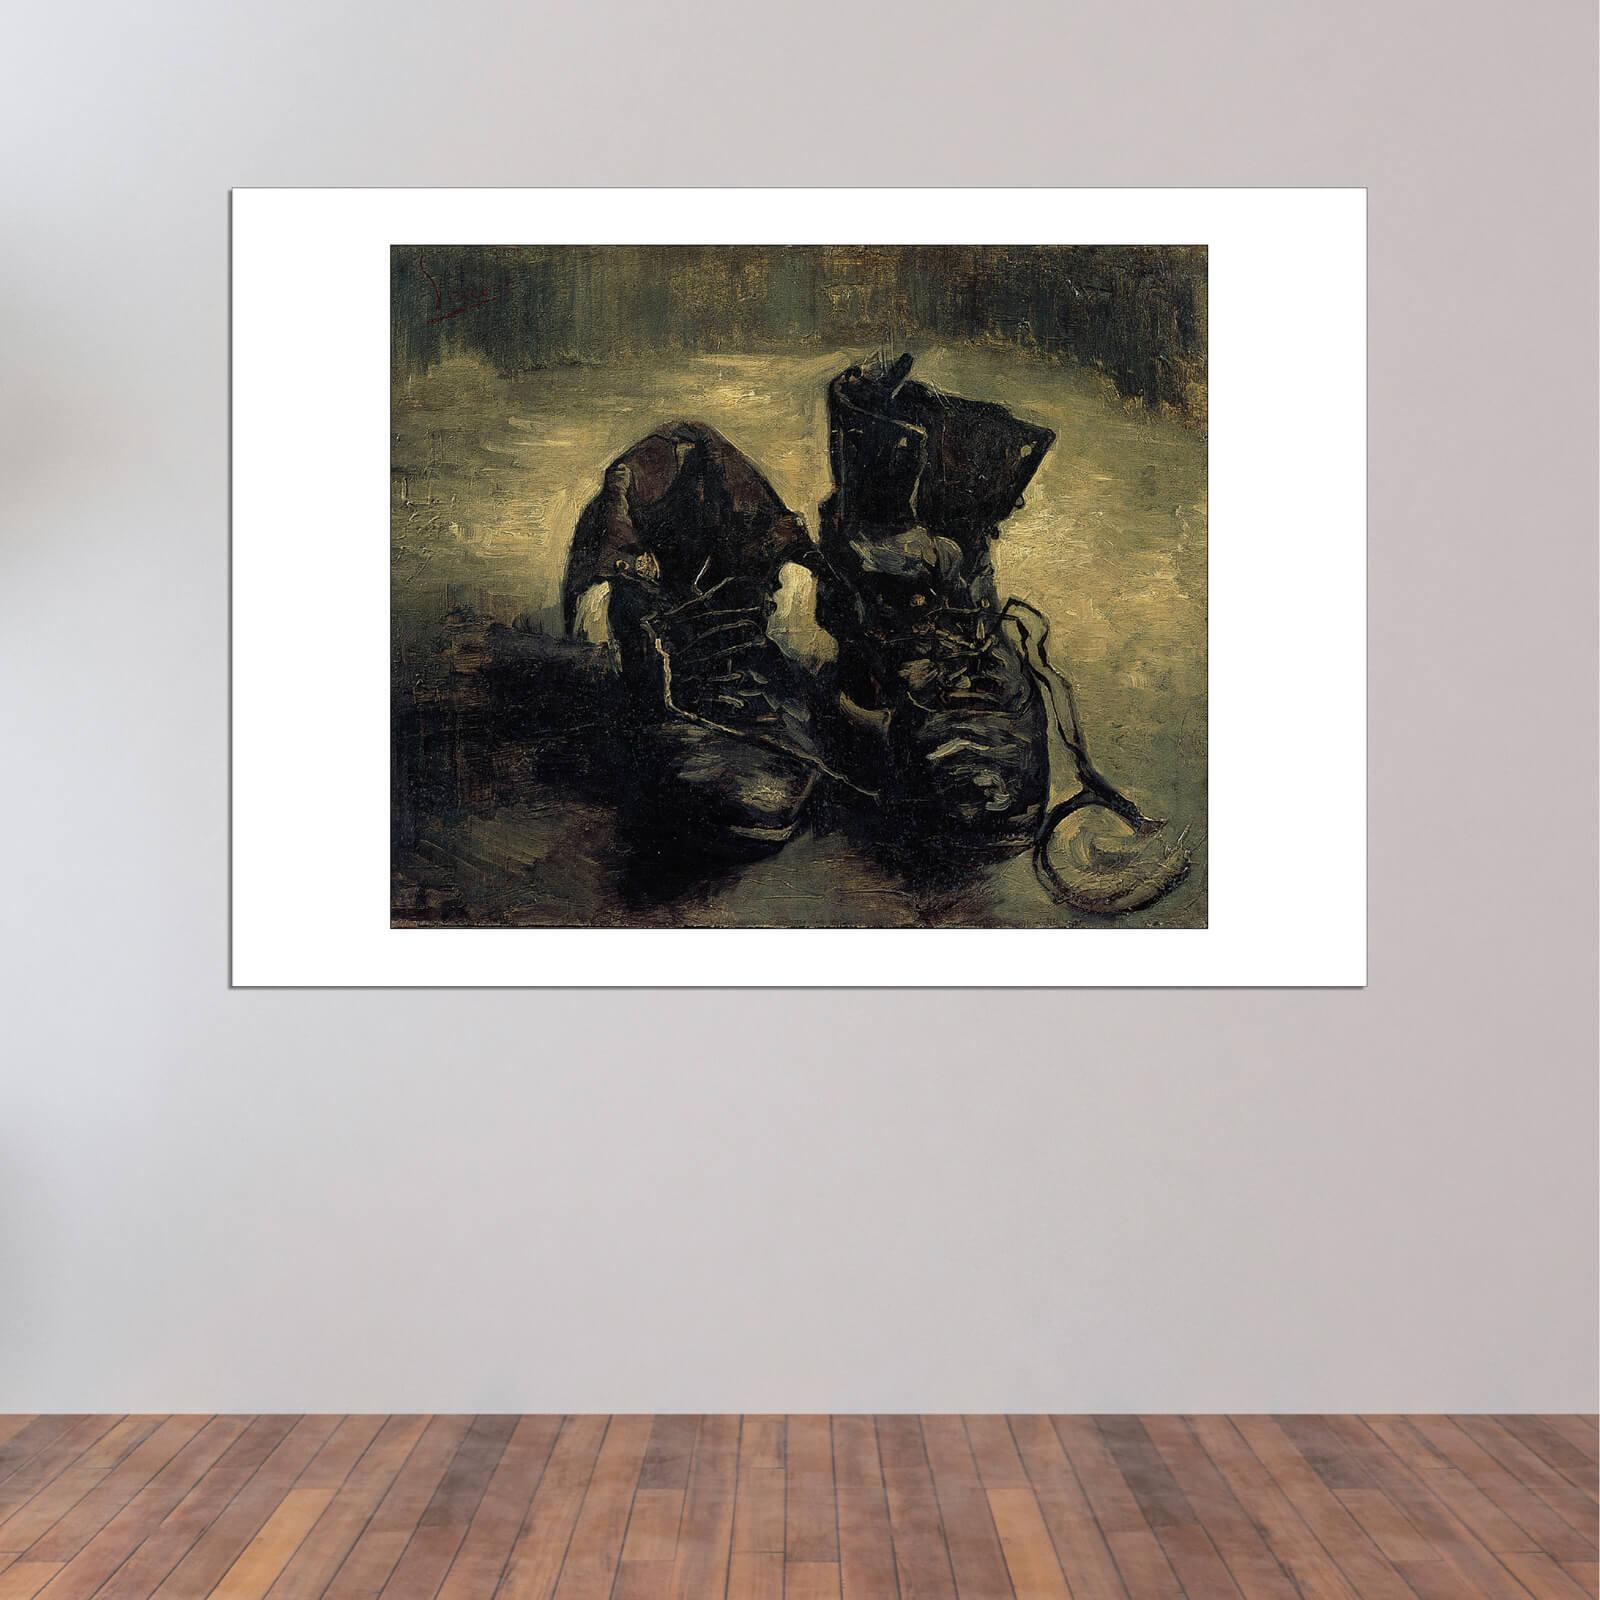 Vincent Arte Cartel Pared Impresión Zapatos De Van un Par Gogh 1886 rwr8RB